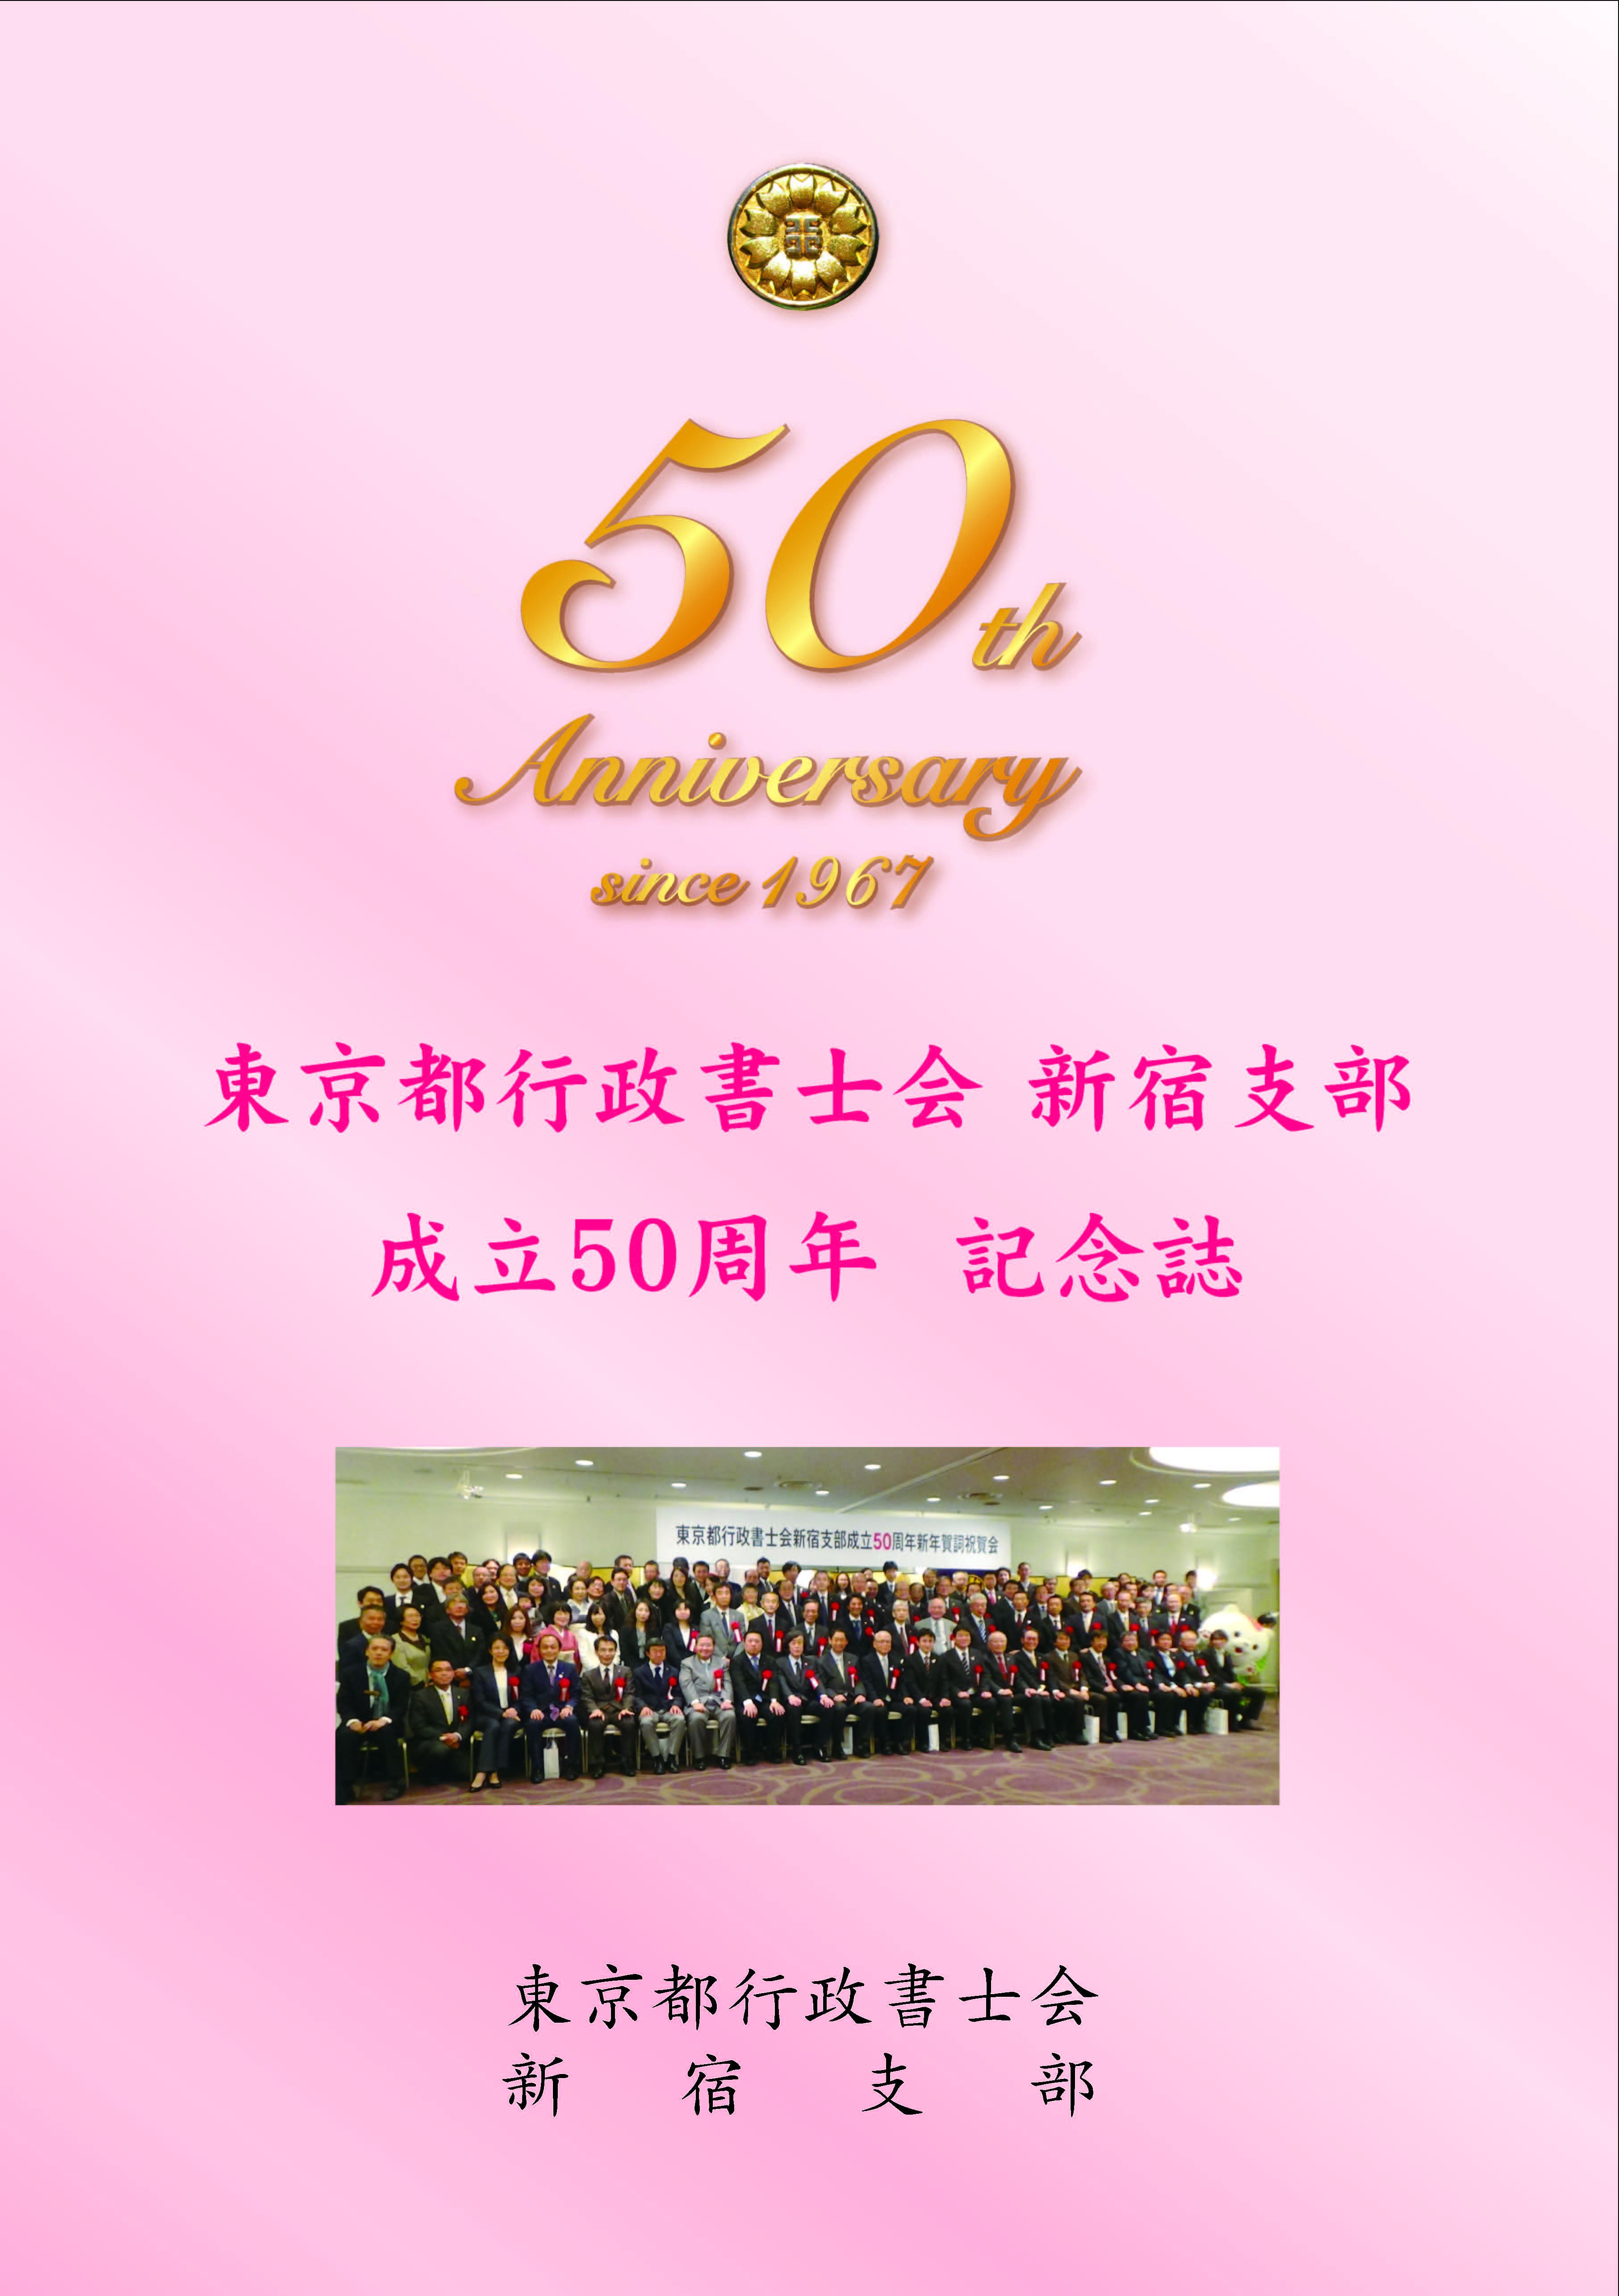 「新宿支部成立50周年 記念誌」発行のイメージ